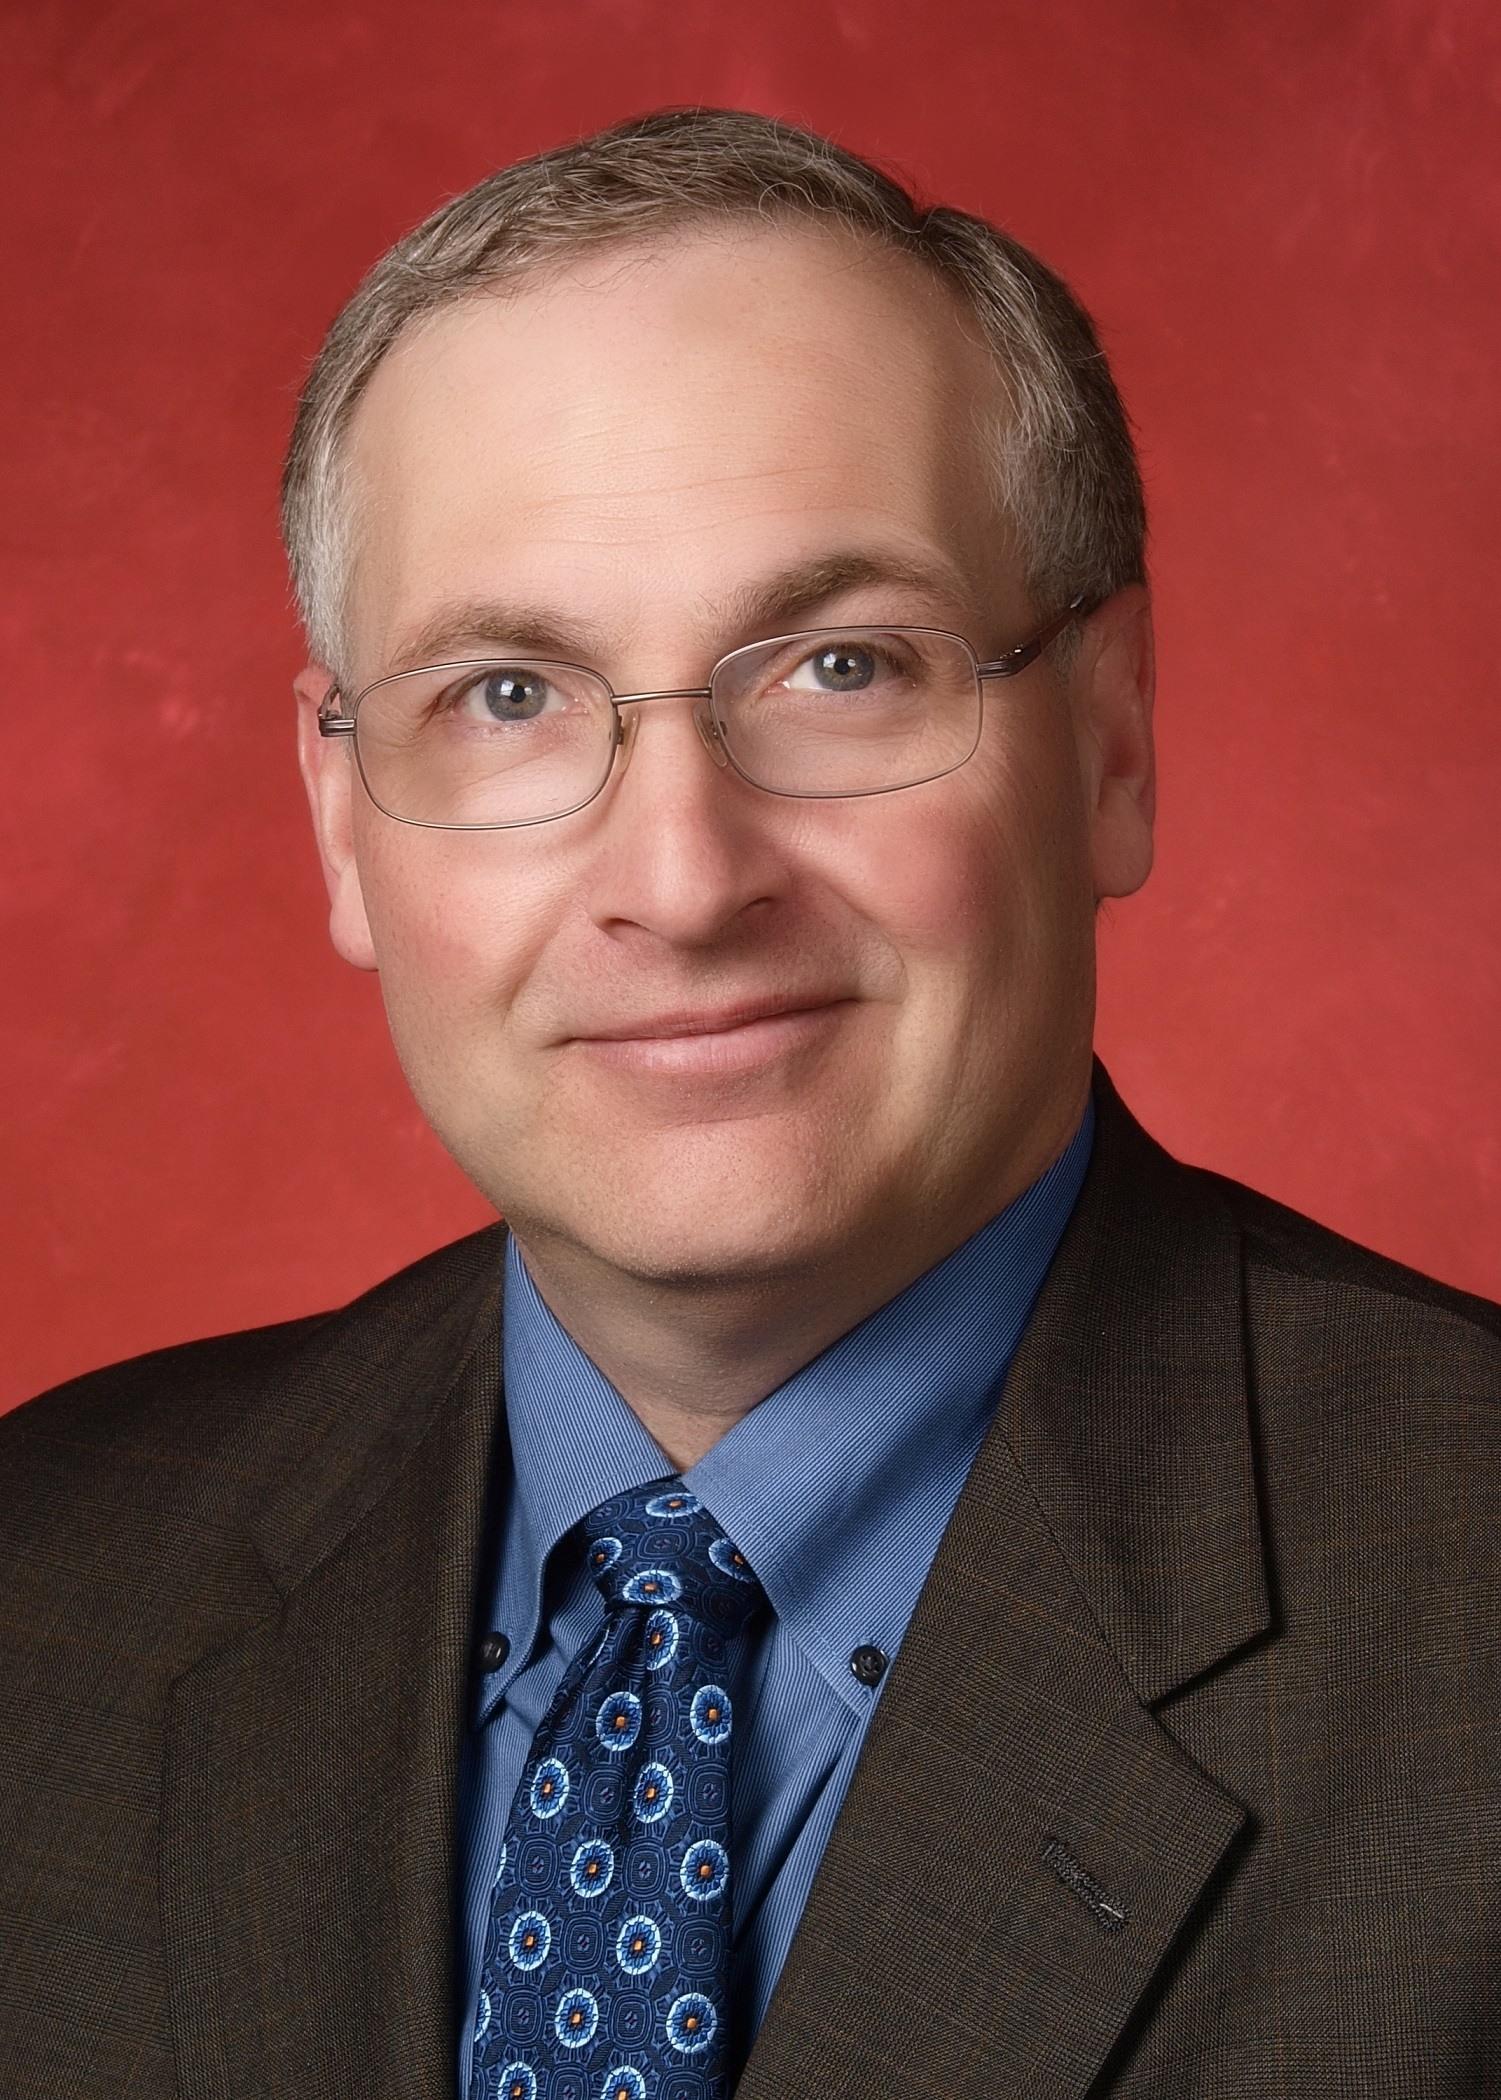 Kevin Kennedy Avaya CEO